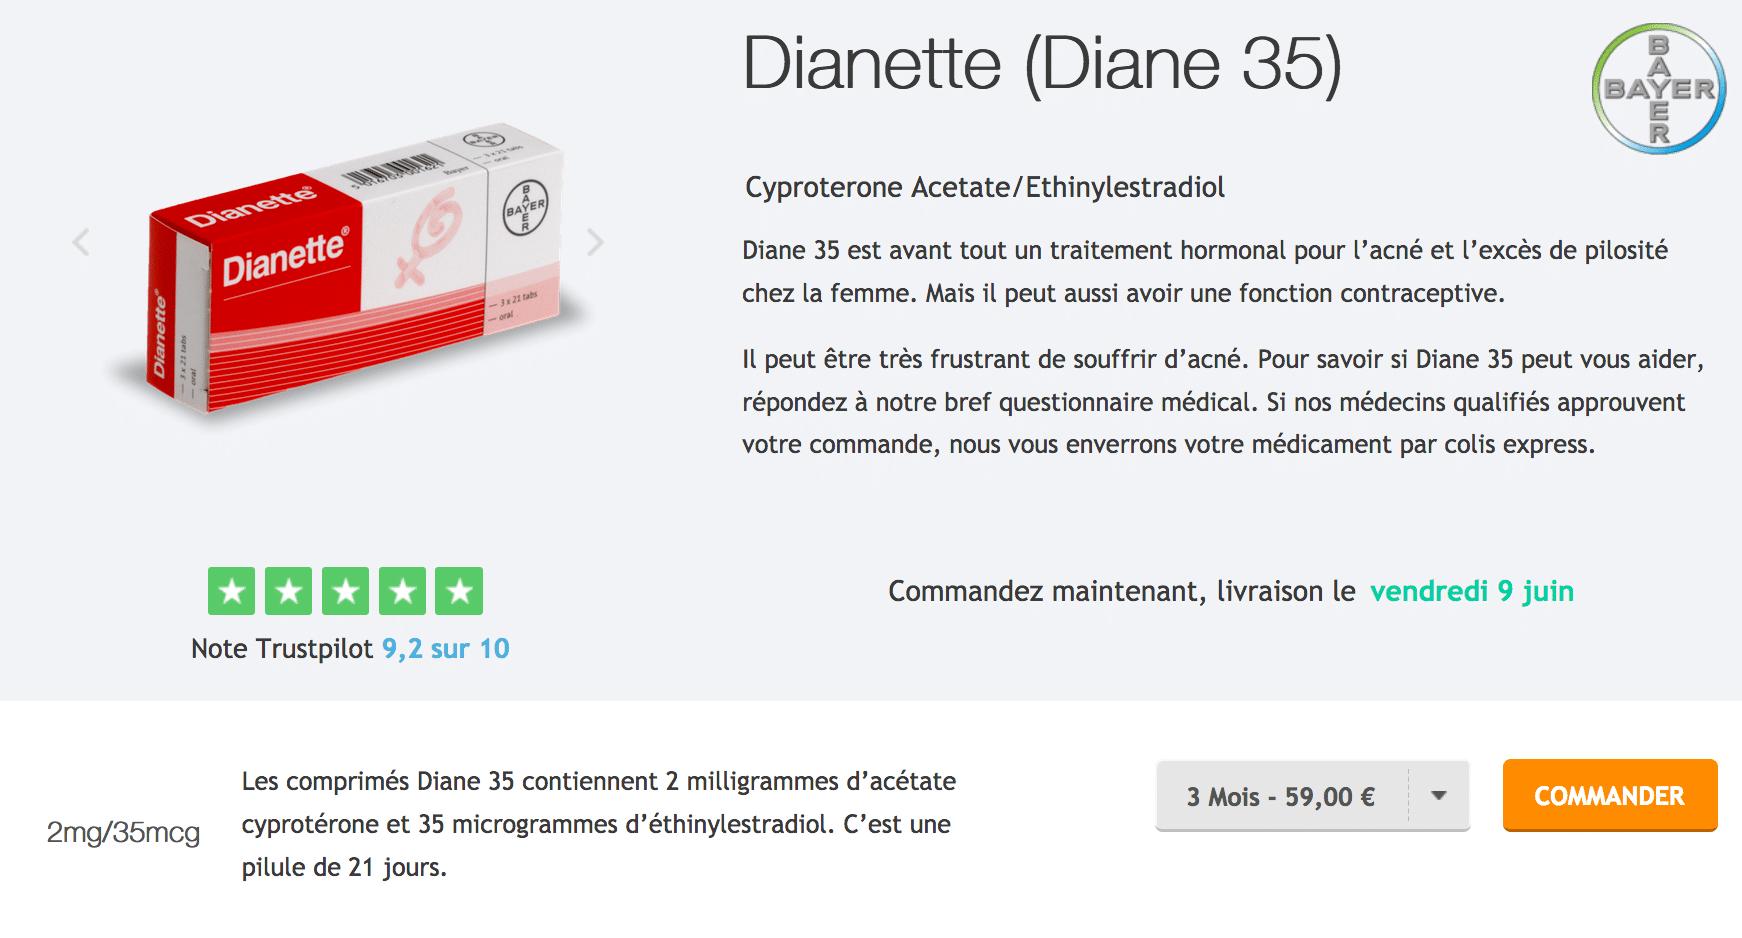 acheter pilule diane 35